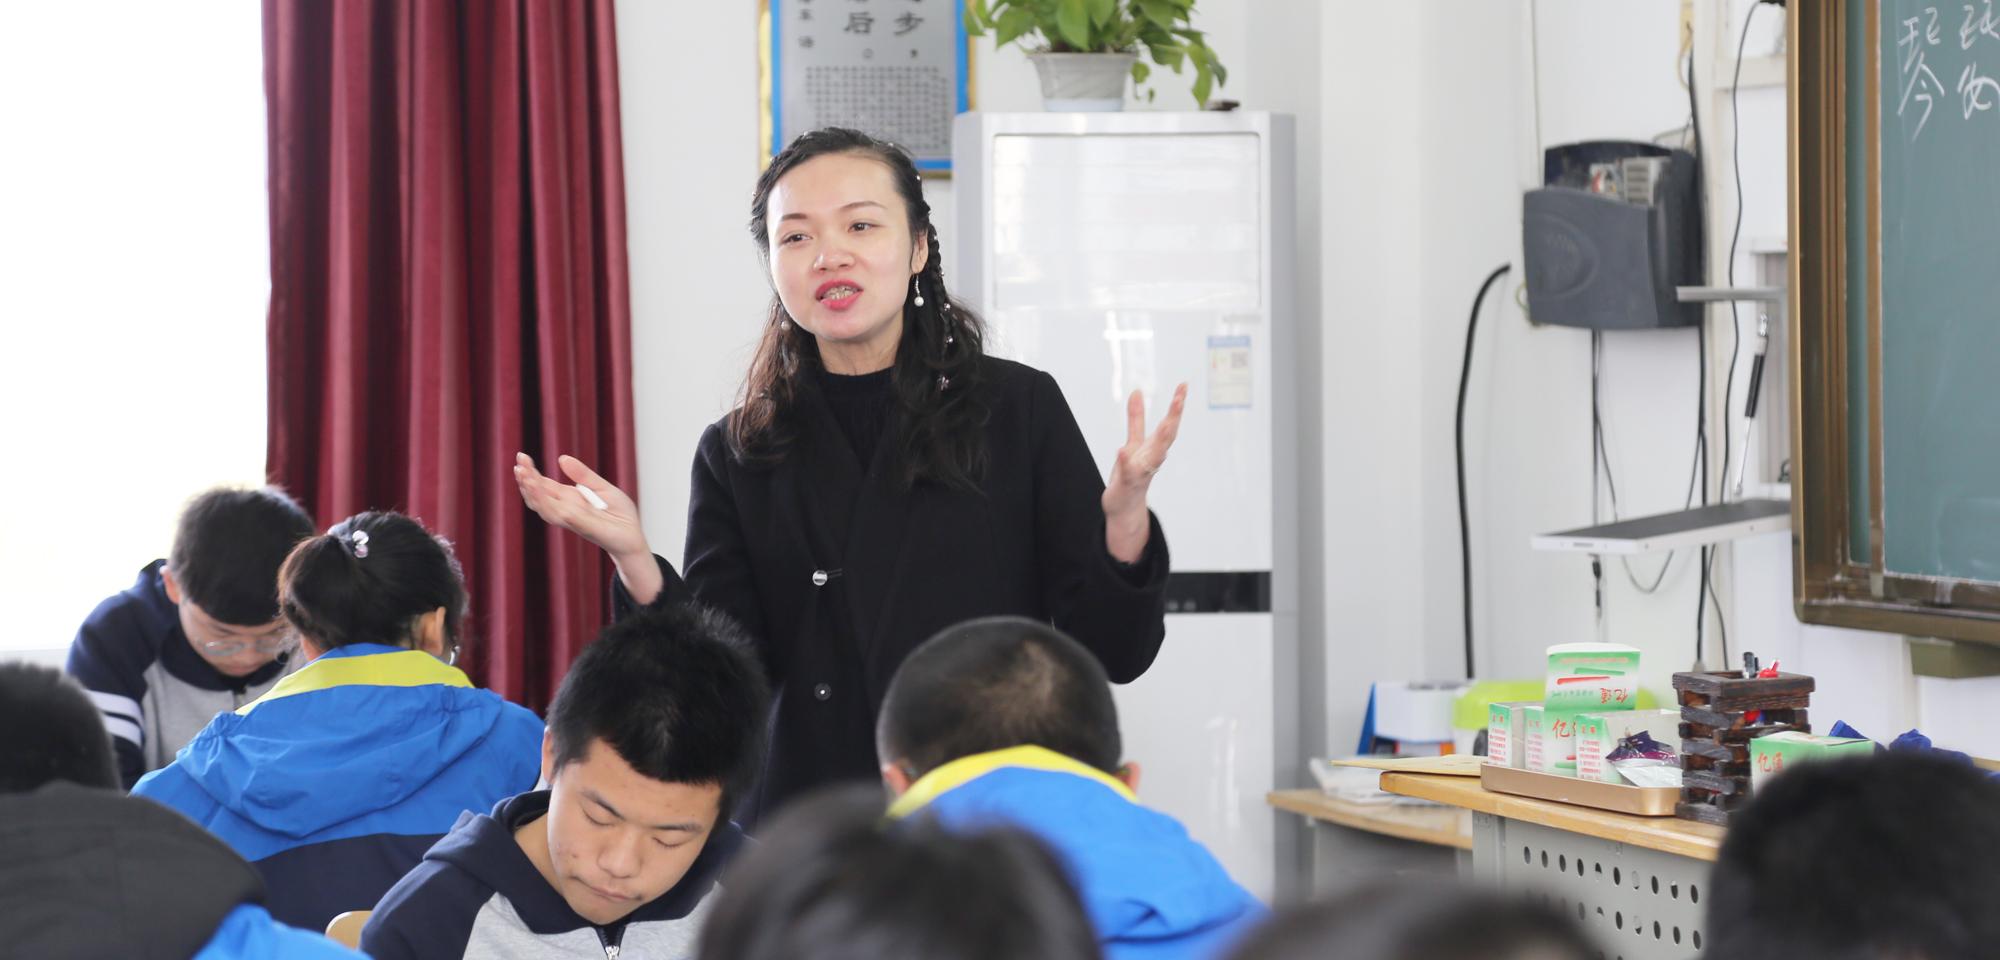 """学生的学习不能只停留在接受知识和应试上。""""学而不思则罔"""",作为老师,课堂应该给学生思考的余地,给学生创新的空间,学生没有思考,就没有学习的后劲。分数高不一定素养高,但素养高就往往也分数高。因此,老师设计课堂时不能以""""我要教什么""""为主导,而是""""学生需要我教什么""""为主线。课堂不需要花架子,思路很重要,把学生放在课堂中央更重要。"""